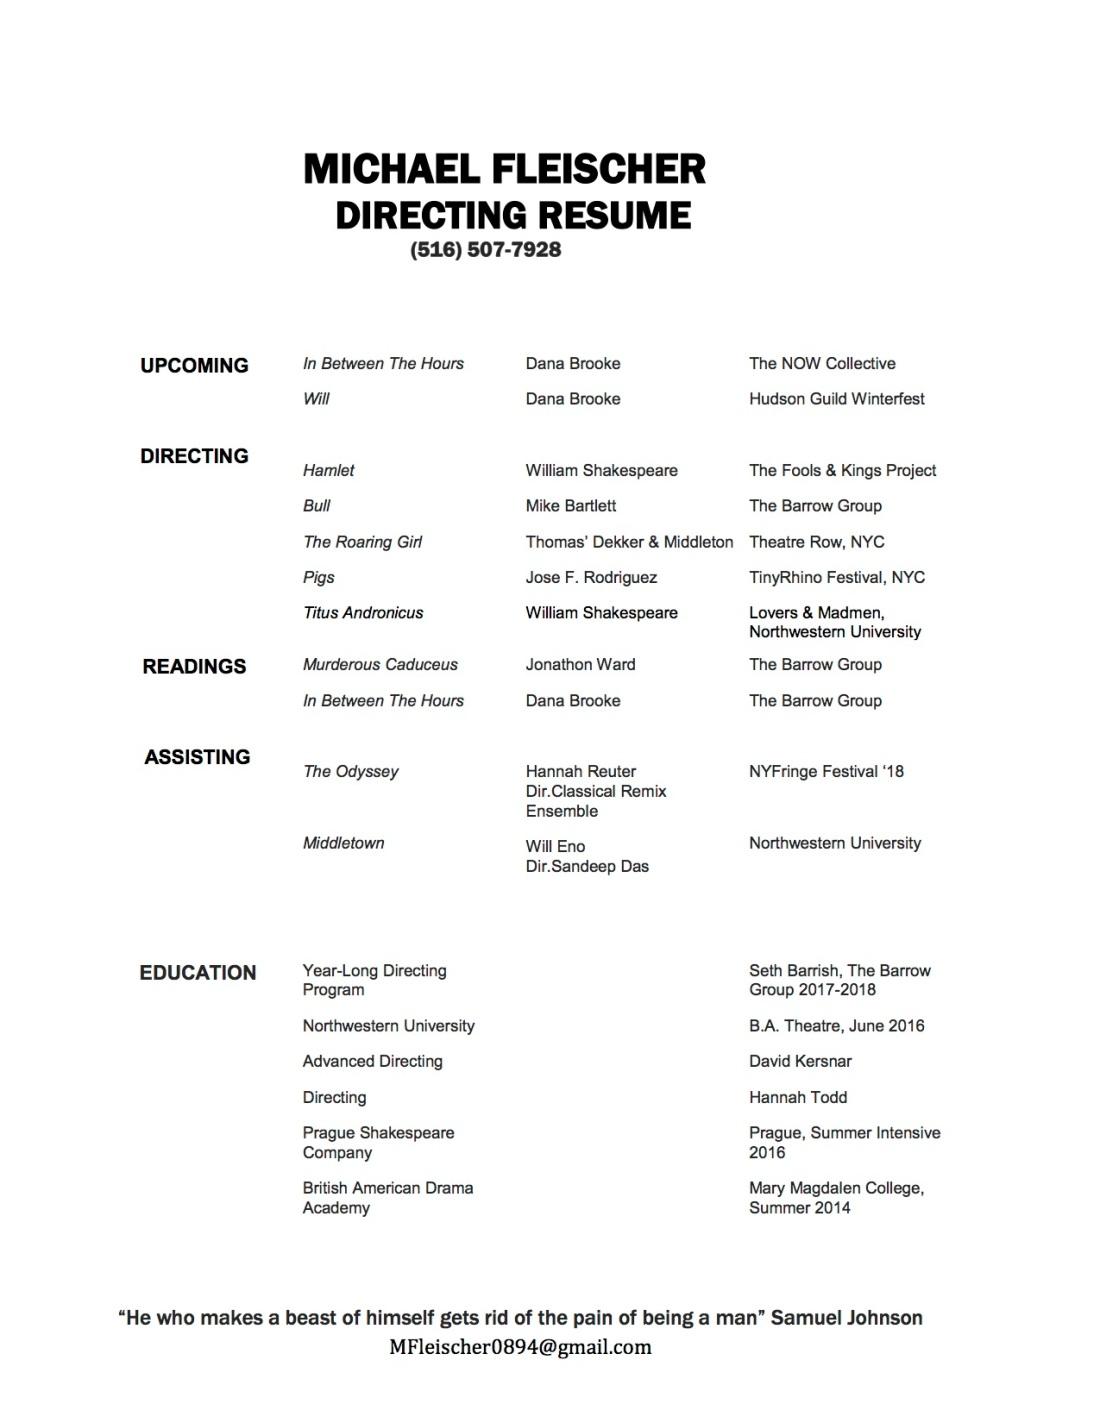 Michael Fleischer Directing Resume_updated.jpg